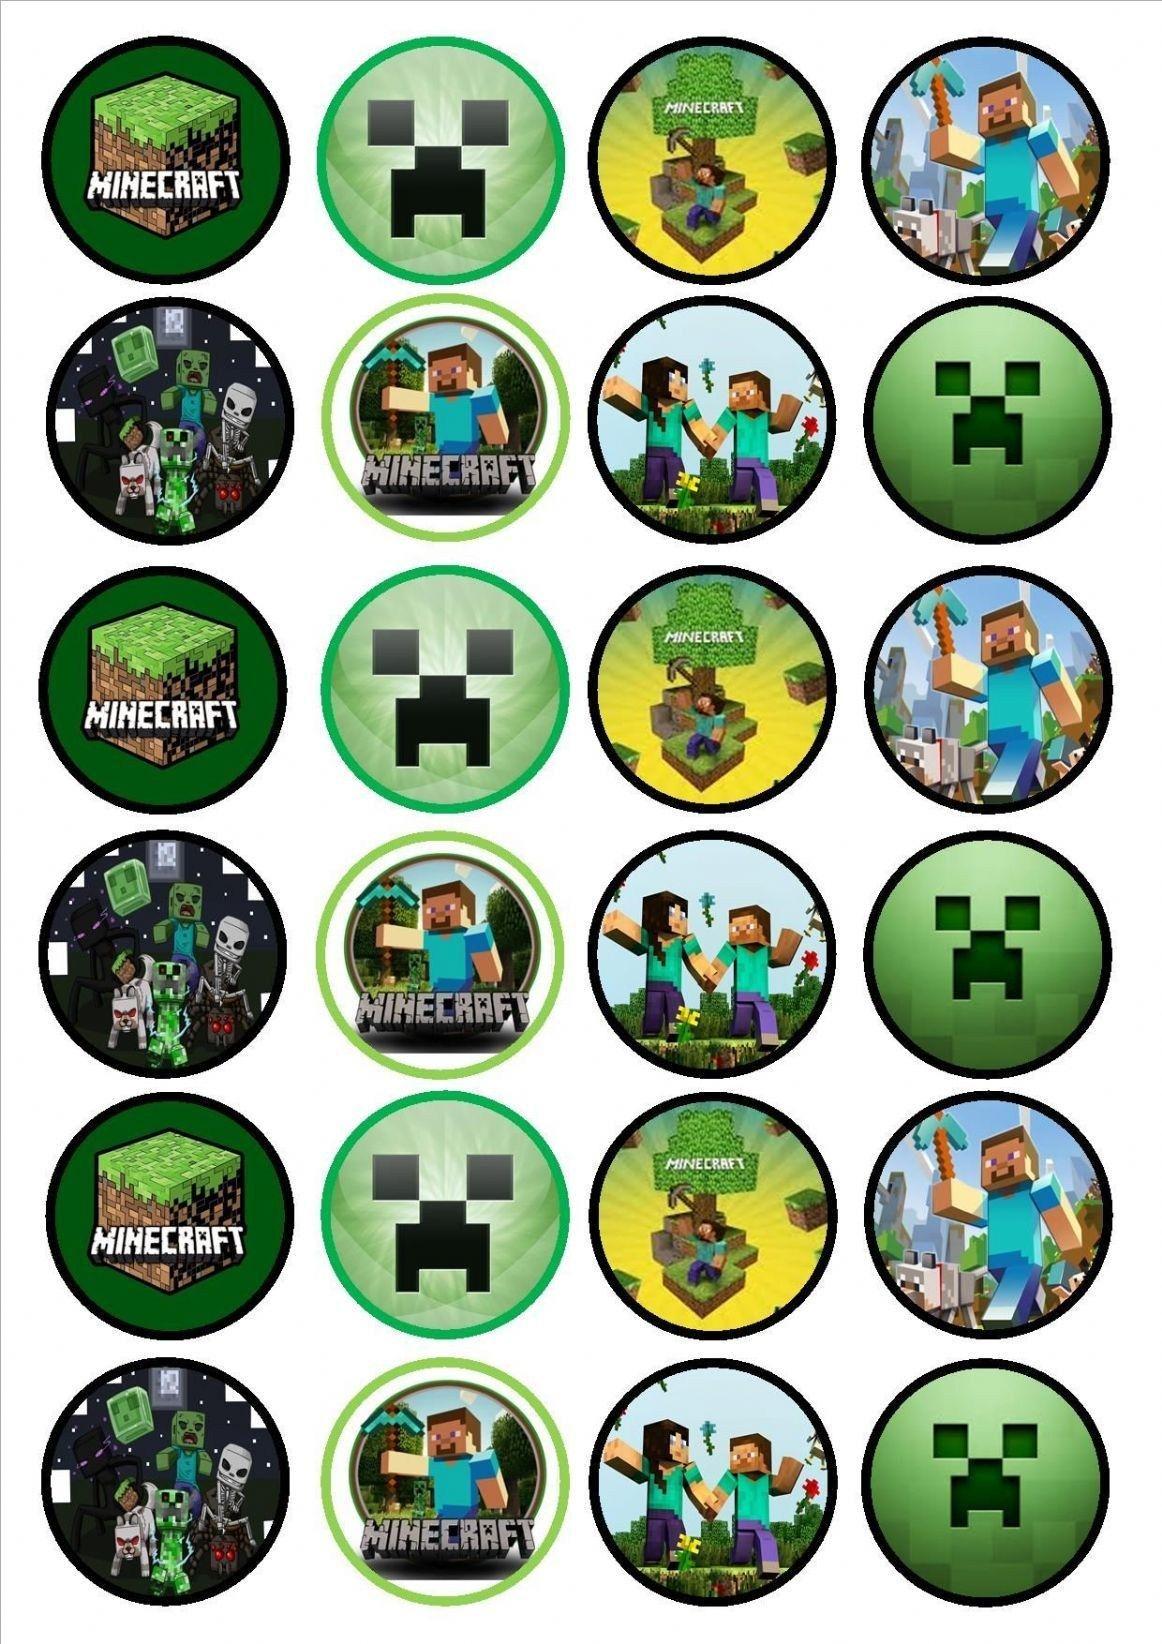 Minecraft Geburtstagstorte Topper Elegant Minecraft Geburtstagstorte Topper Floyddeanflycasting   – cupcakes